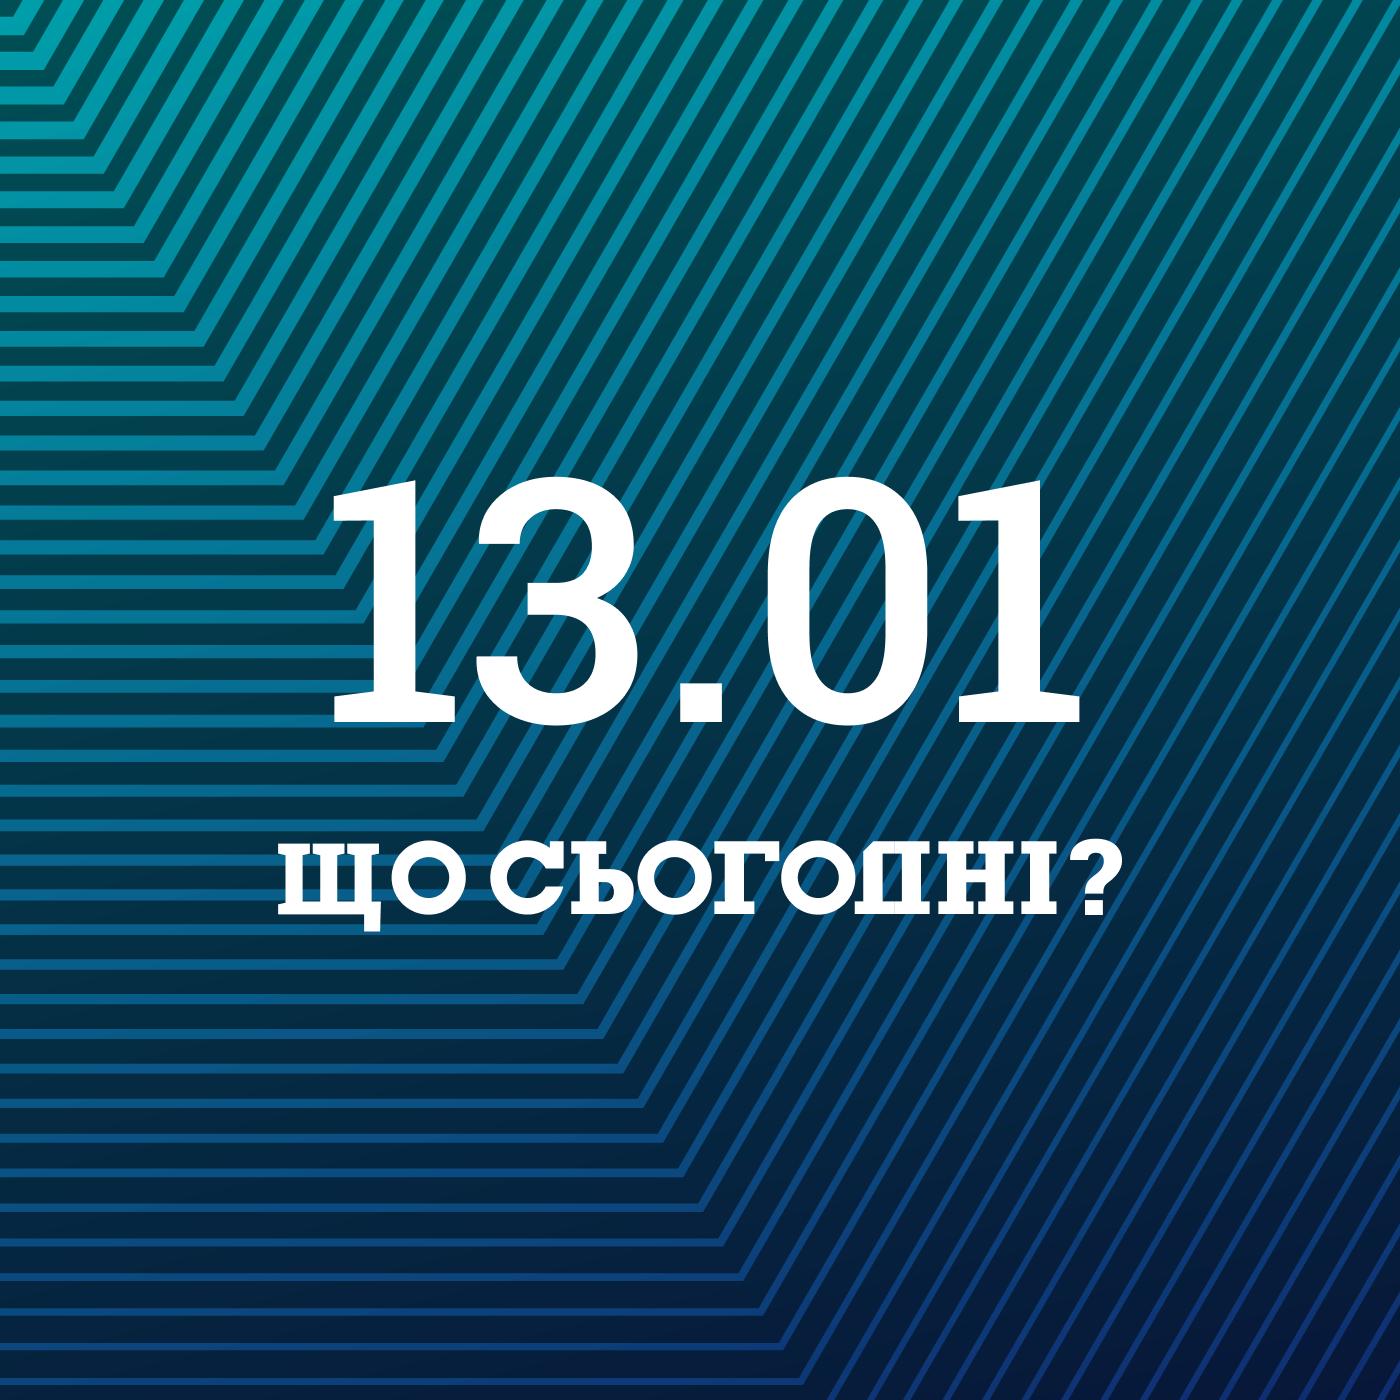 Що сьогодні: Всеукраїнський снігопад, коливання термінів локдауна, містичне Запоріжжя